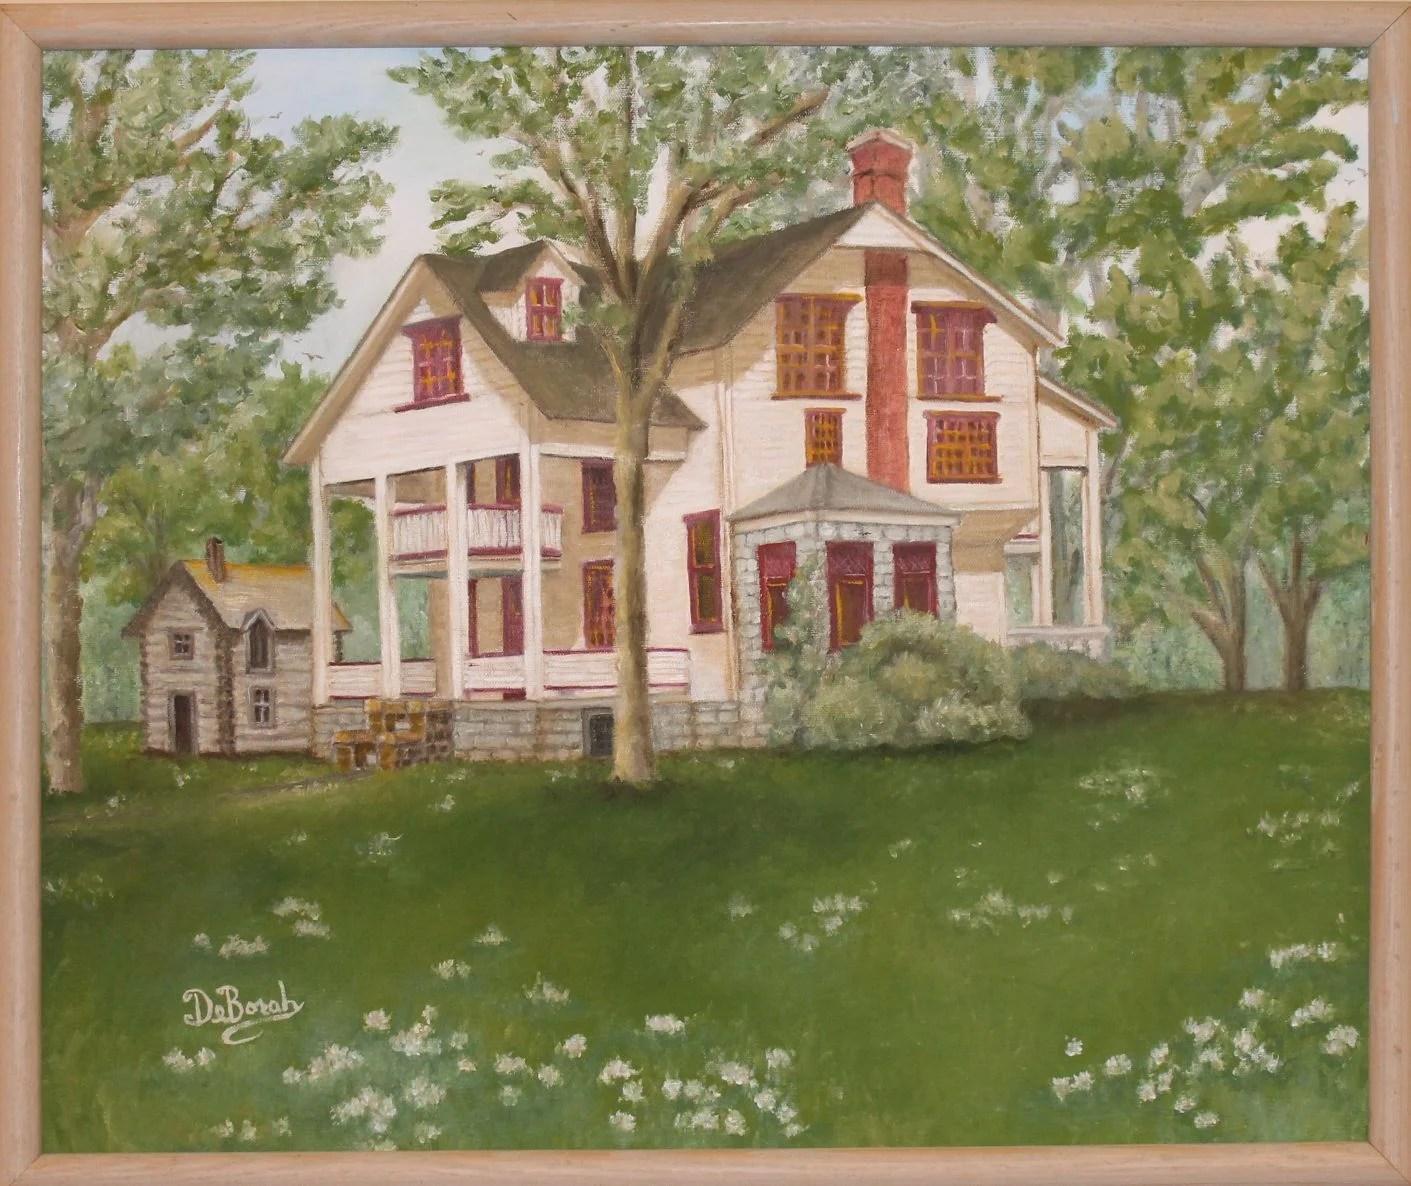 Fullsize Of Mother Daughter House